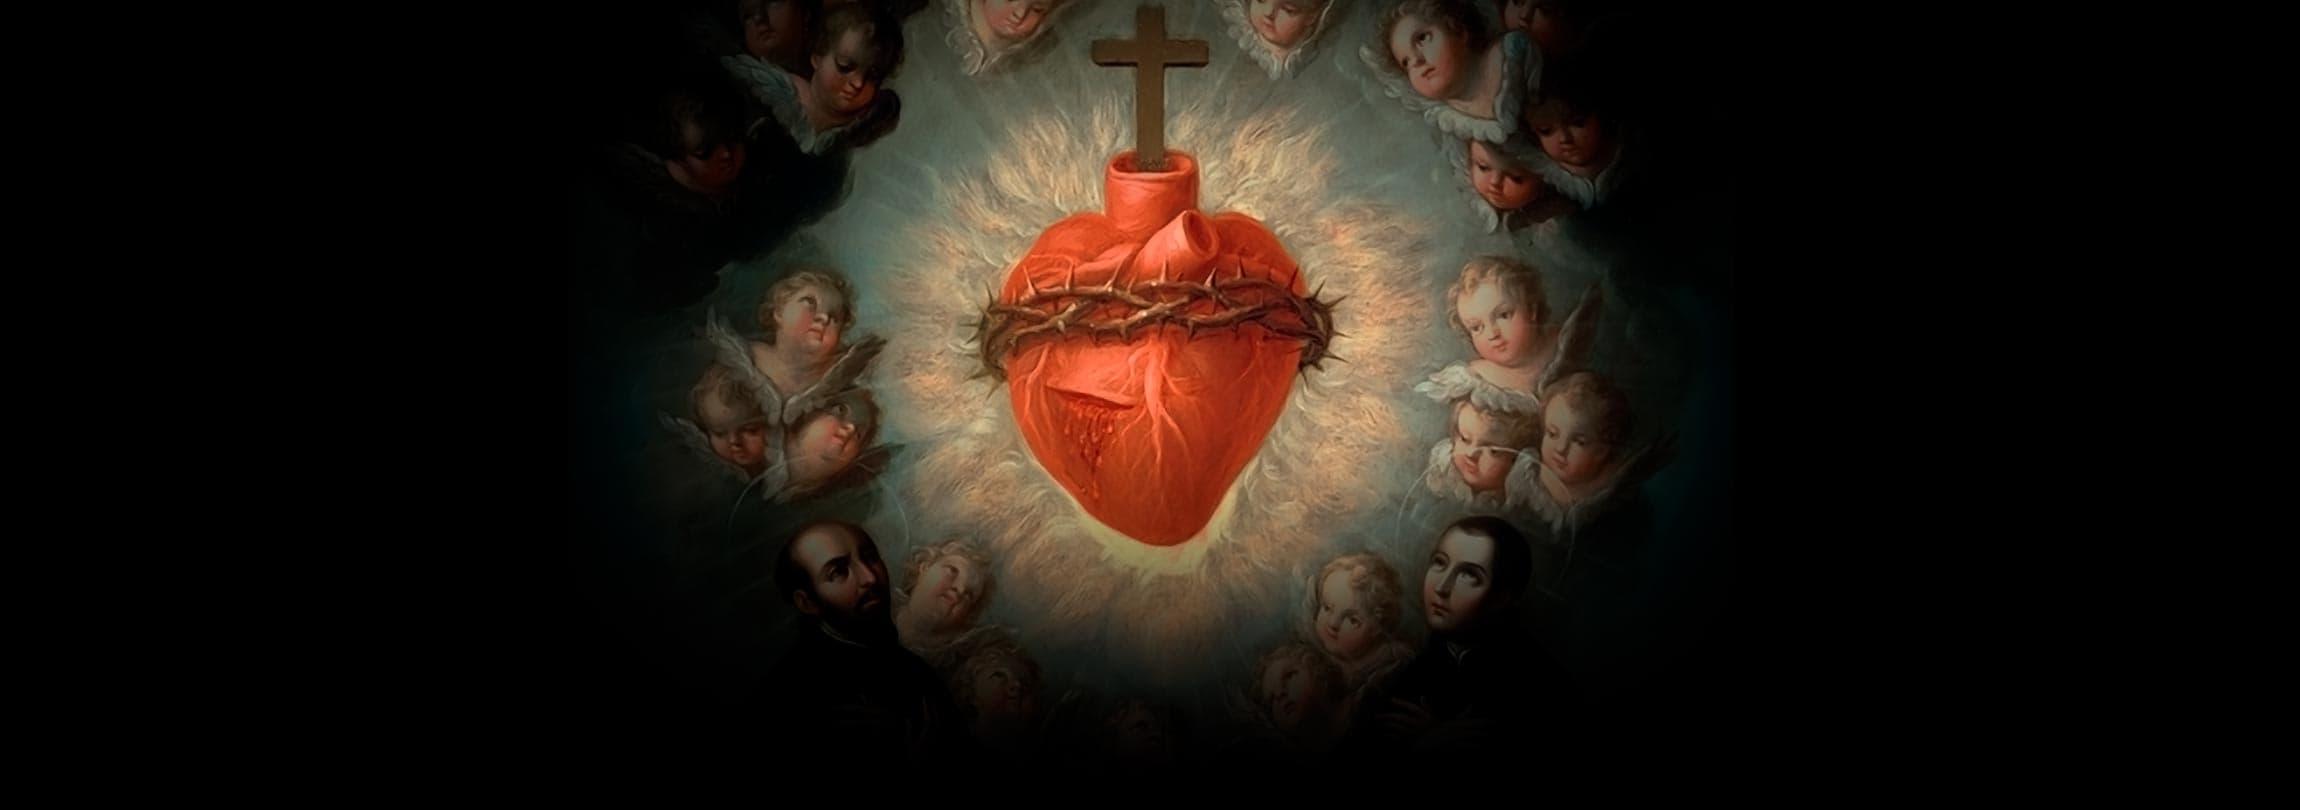 Sagrado Coração, dai-nos santos sacerdotes!